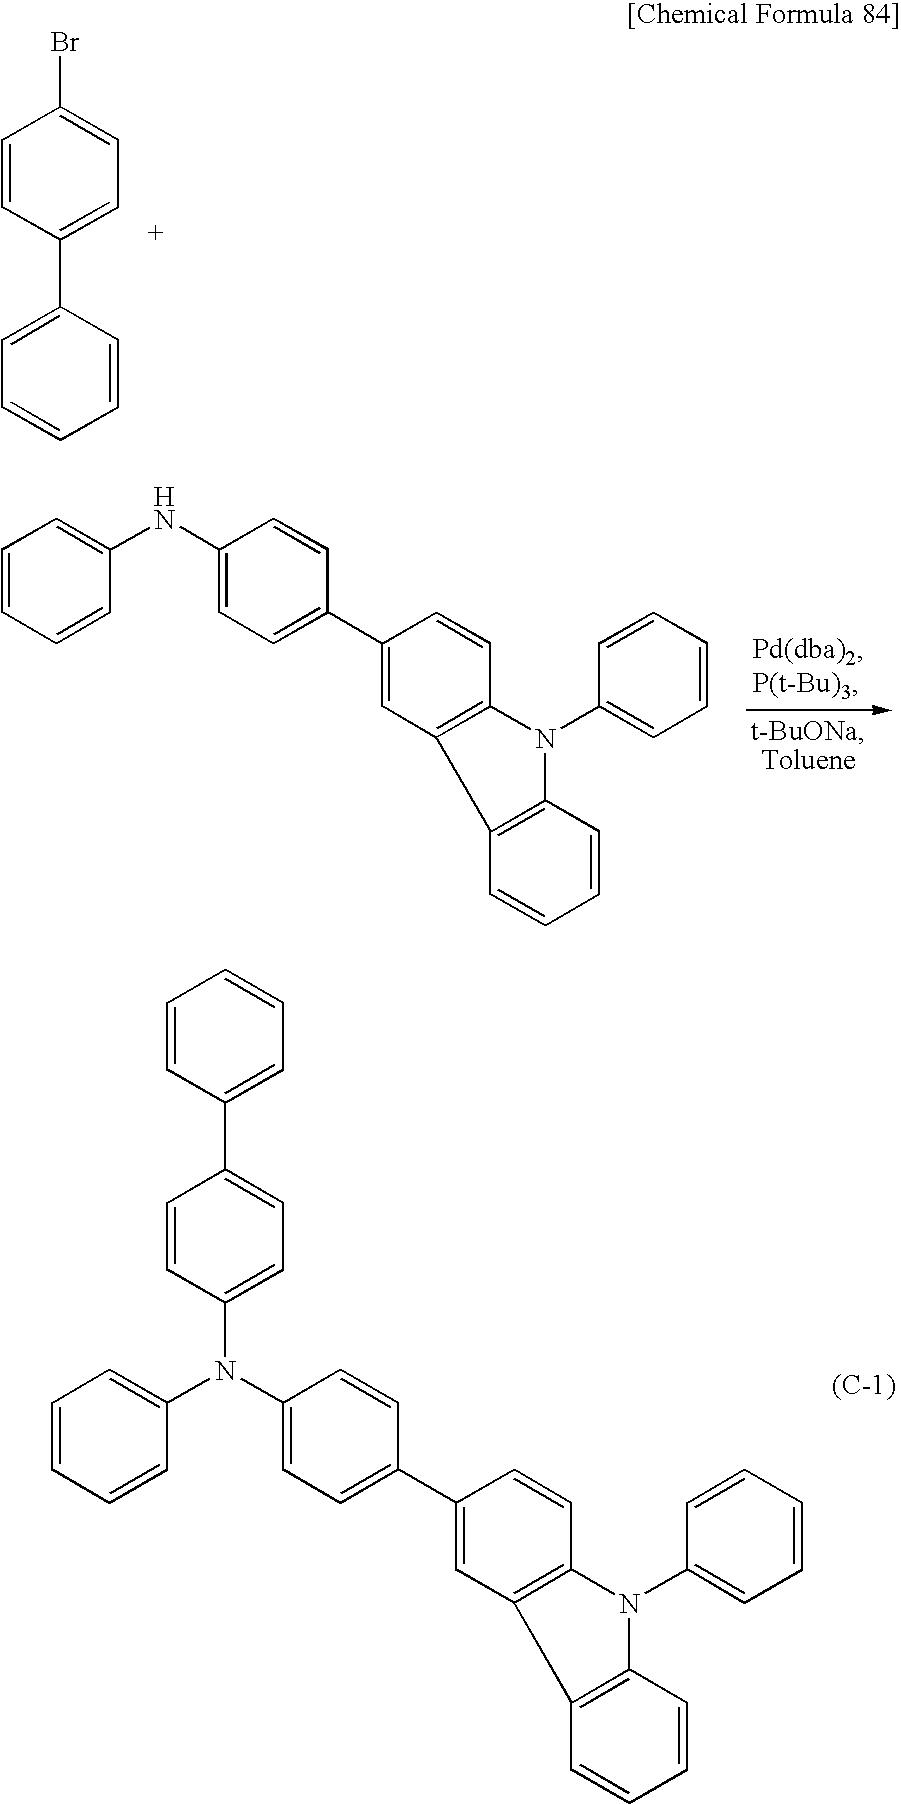 Figure US08551625-20131008-C00102